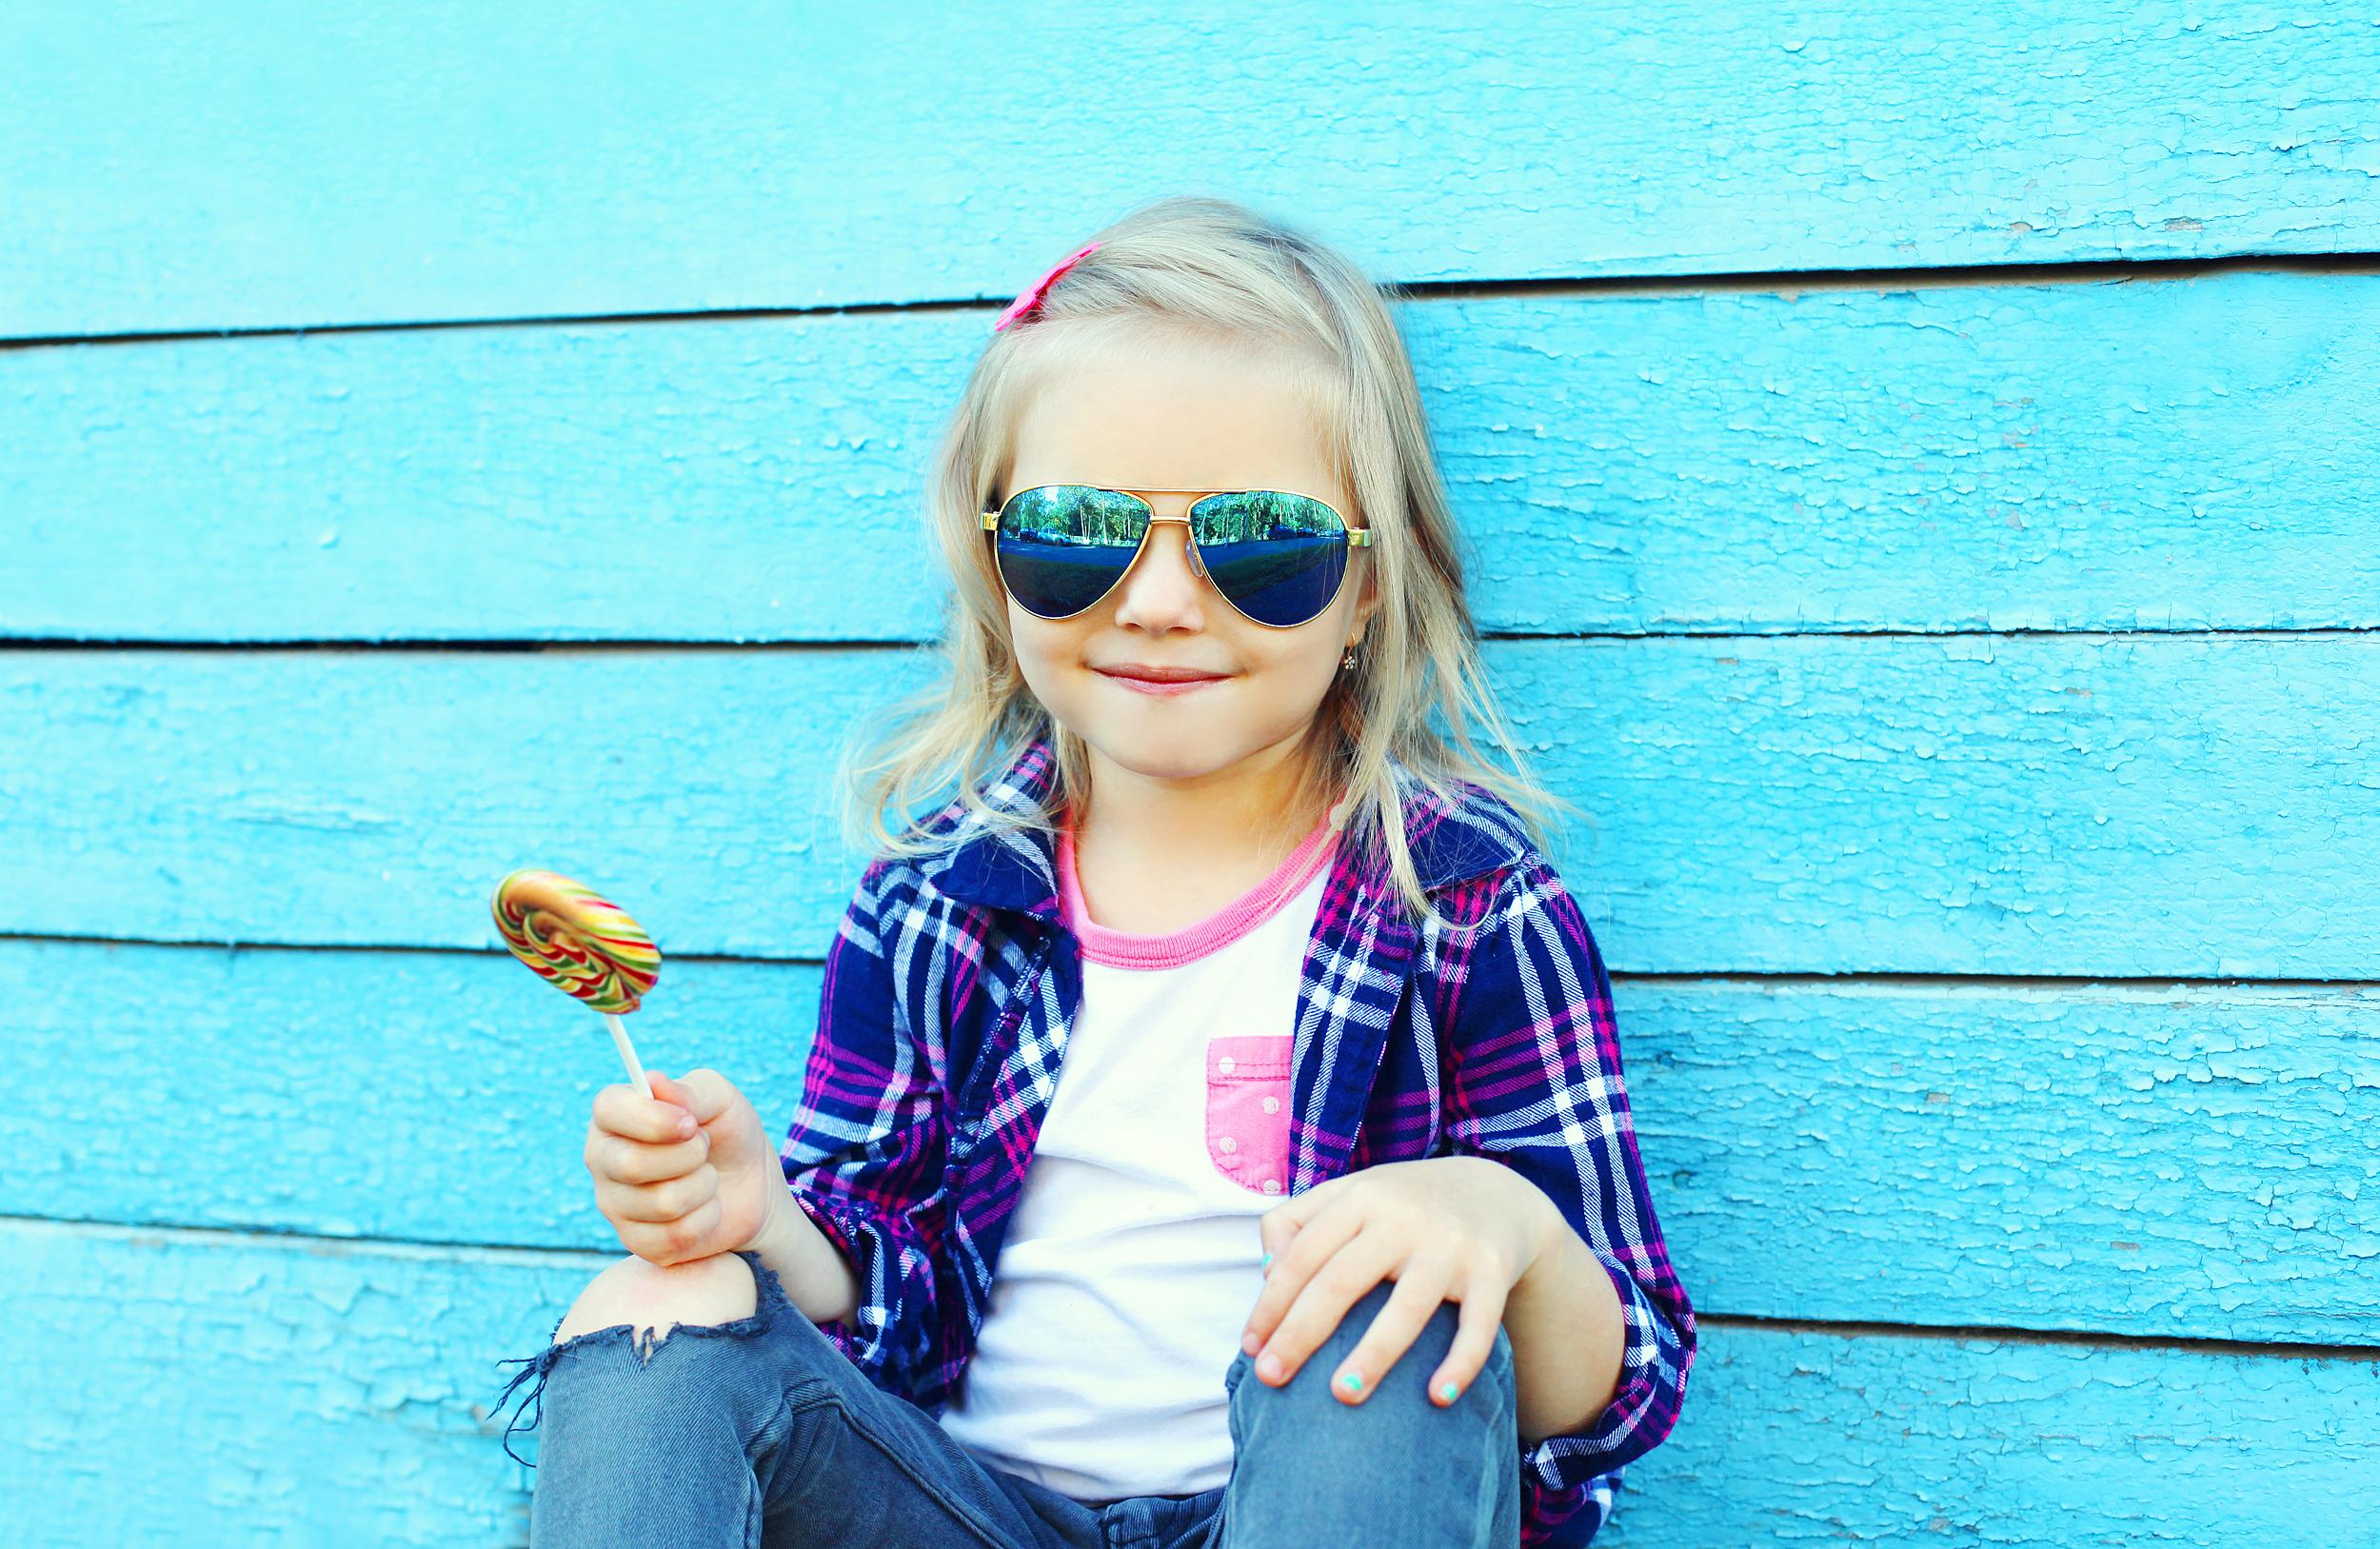 Comment occuper les enfants pendant les vacances, cet été ?